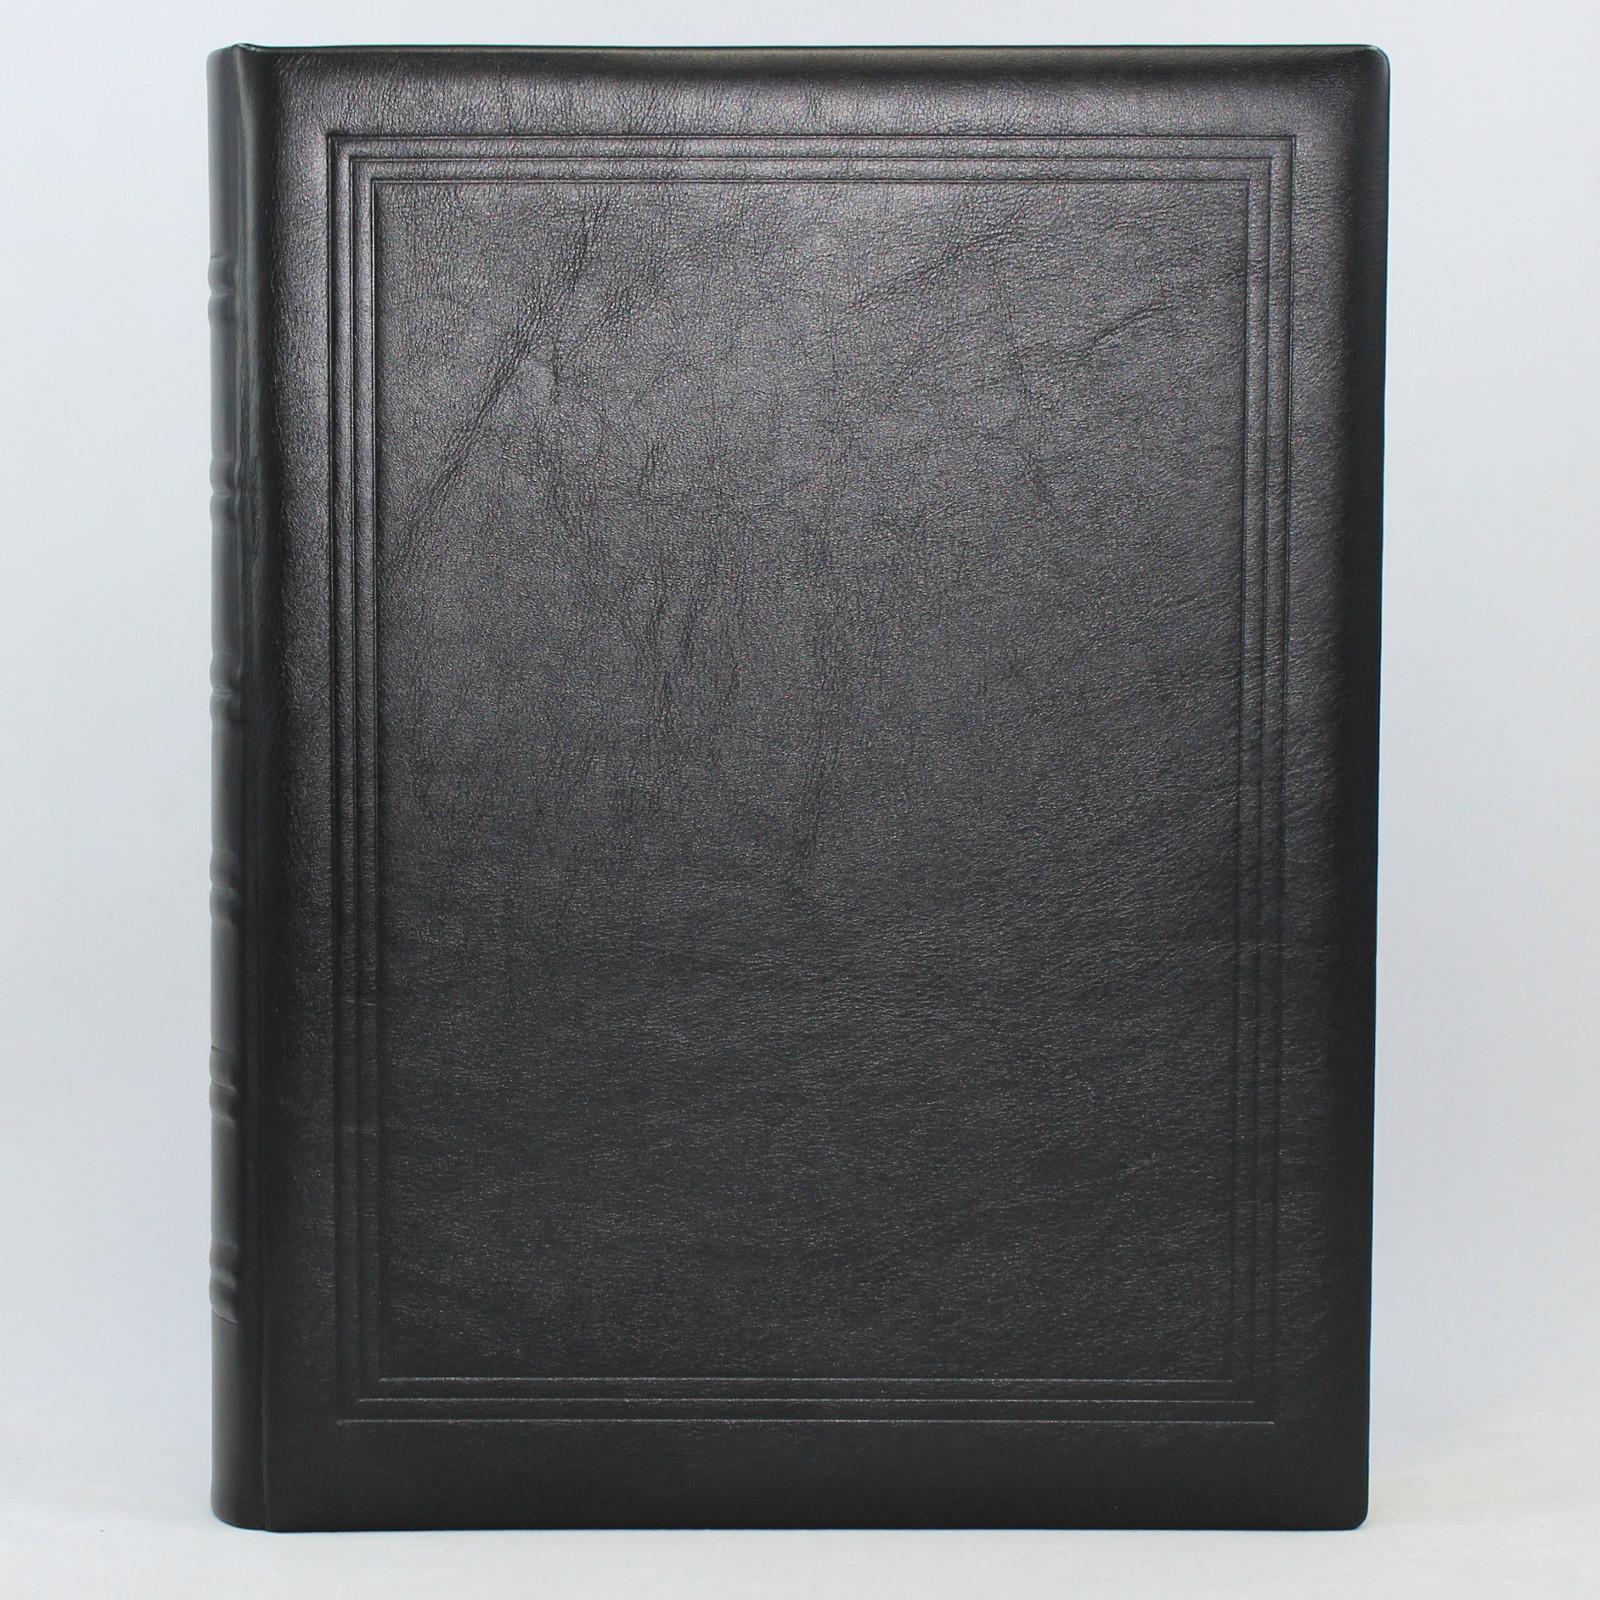 Gästebuch dick schwarz Vollrindleder mit Goldschnittblock ...